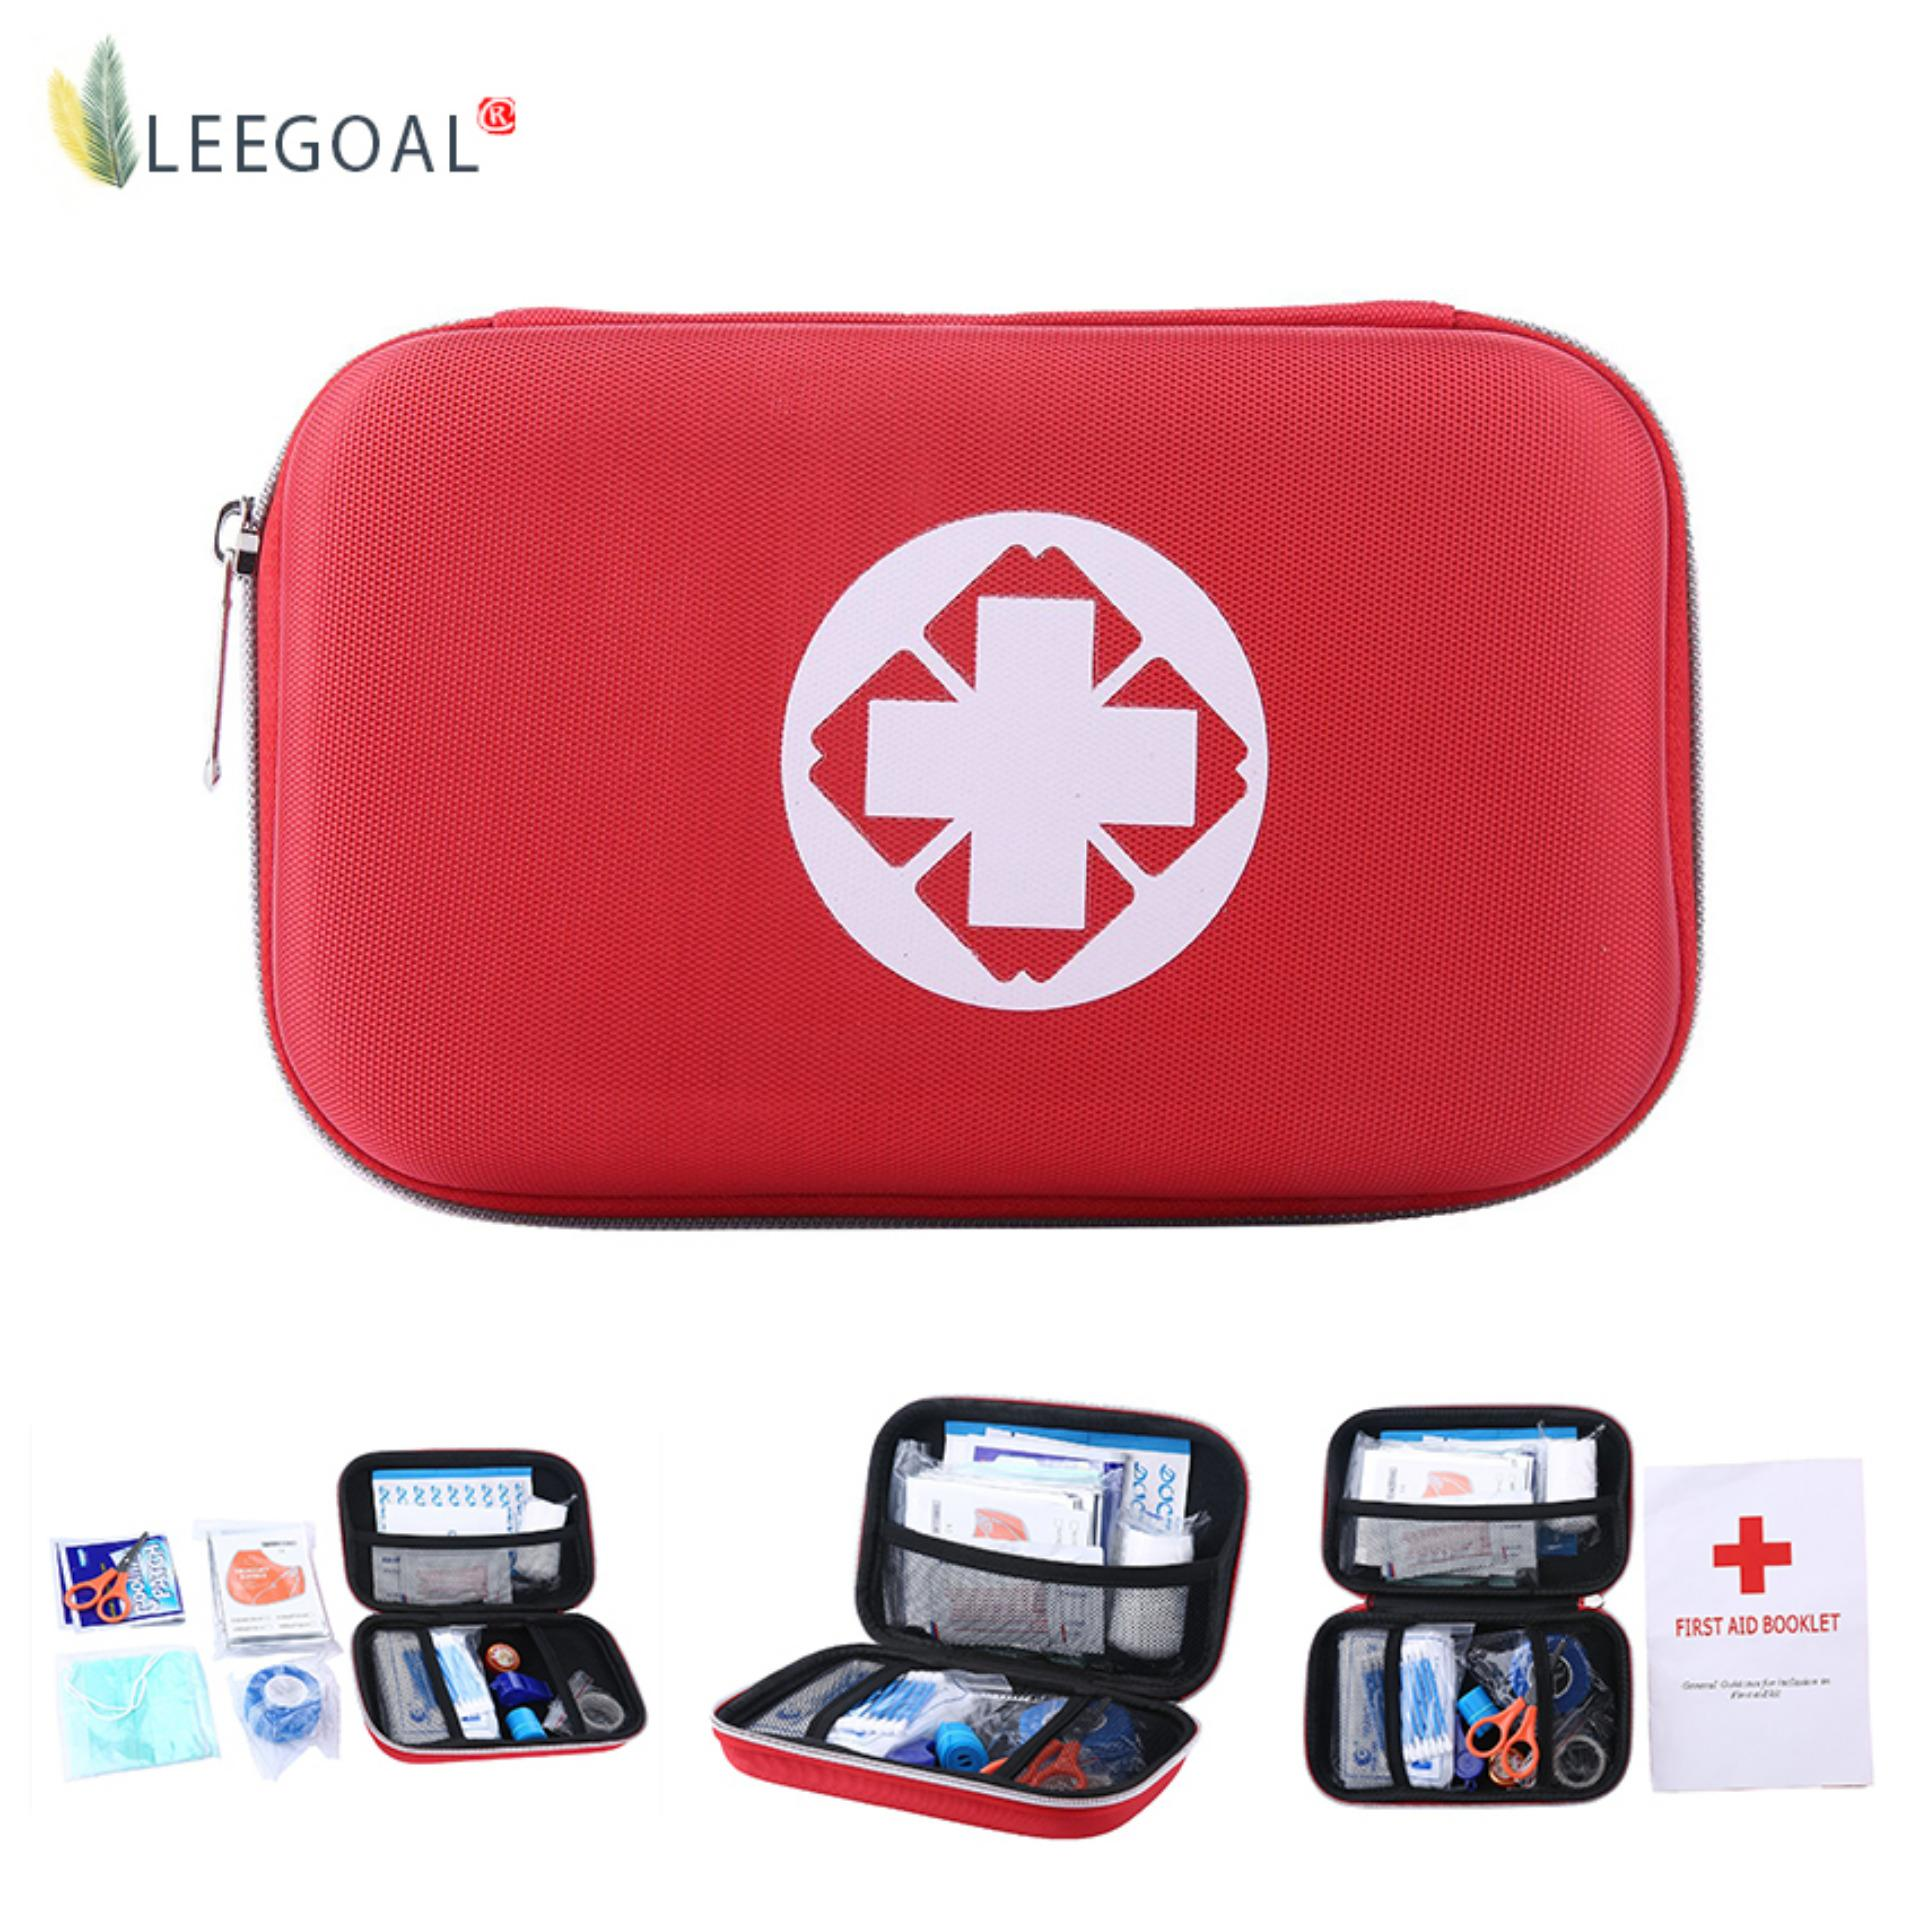 Beli Leegoal P3K 20 Buah Trauma Merupakan Model Sepatu Yang Tahan Lama Medis Kit Mobil Olahraga For Perjalanan Berkemah Lintas Darurat Kelangsungan Hidup Rumah Merah Lengkap